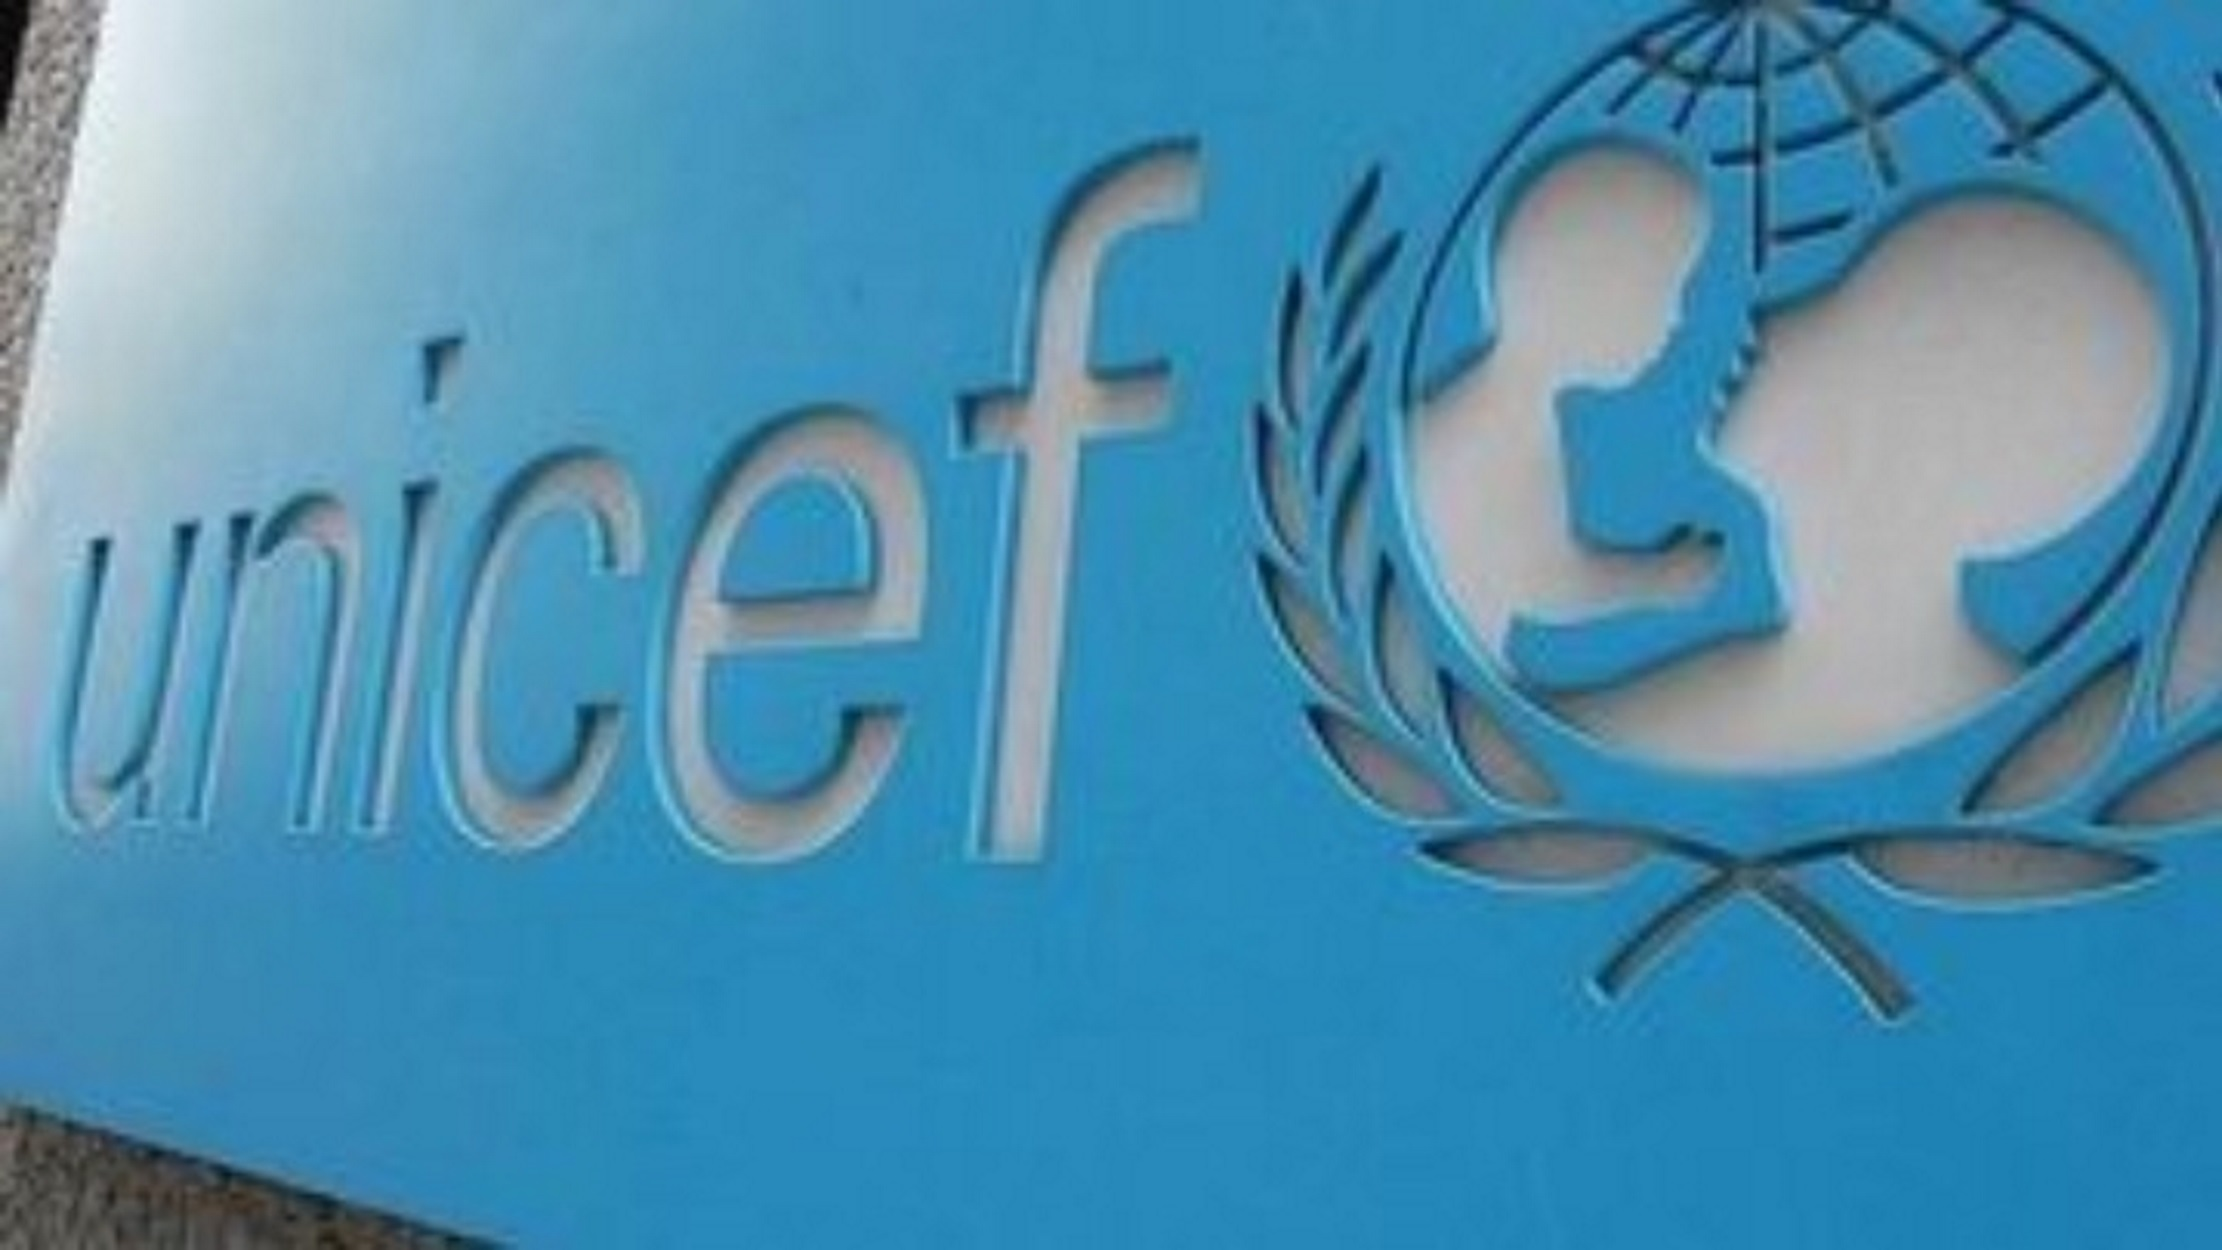 Κορονοϊός:Να εμβολιαστούν κατά προτεραιότητα οι εκπαιδευτικοί ζητά η UNICEF